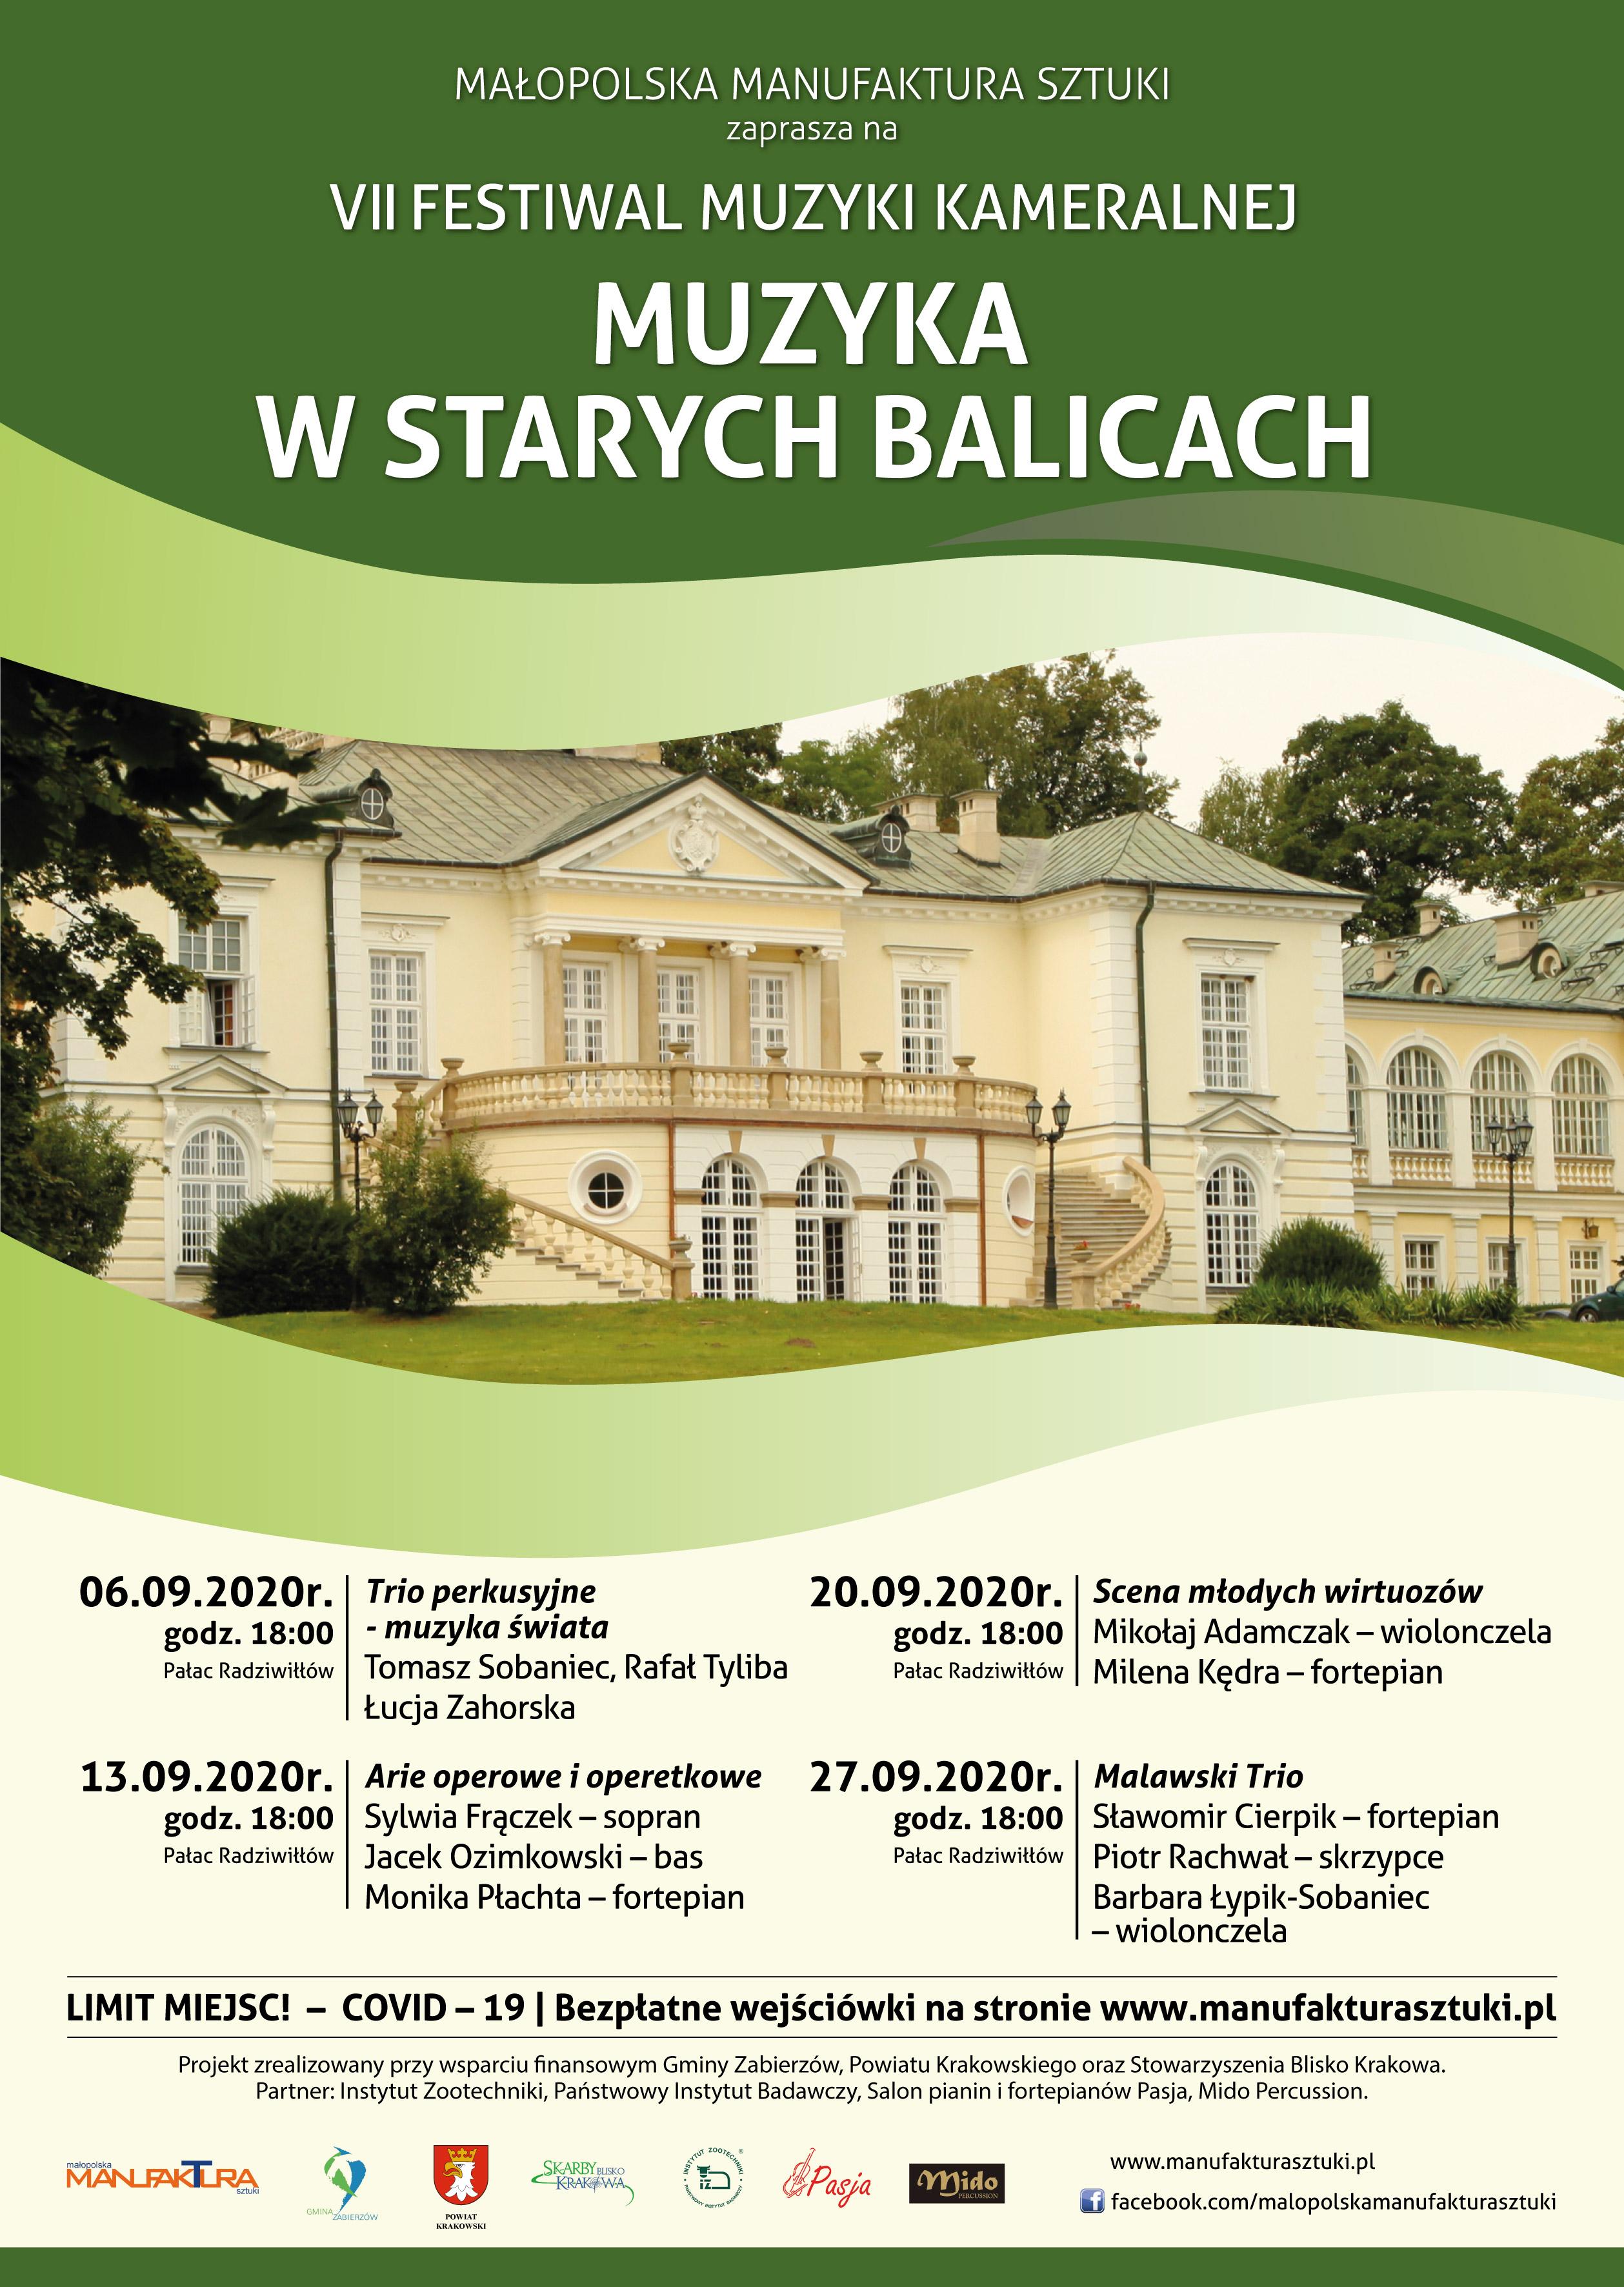 VII Festiwal Muzyki Kameralnej - Muzyka w Starych Balicach